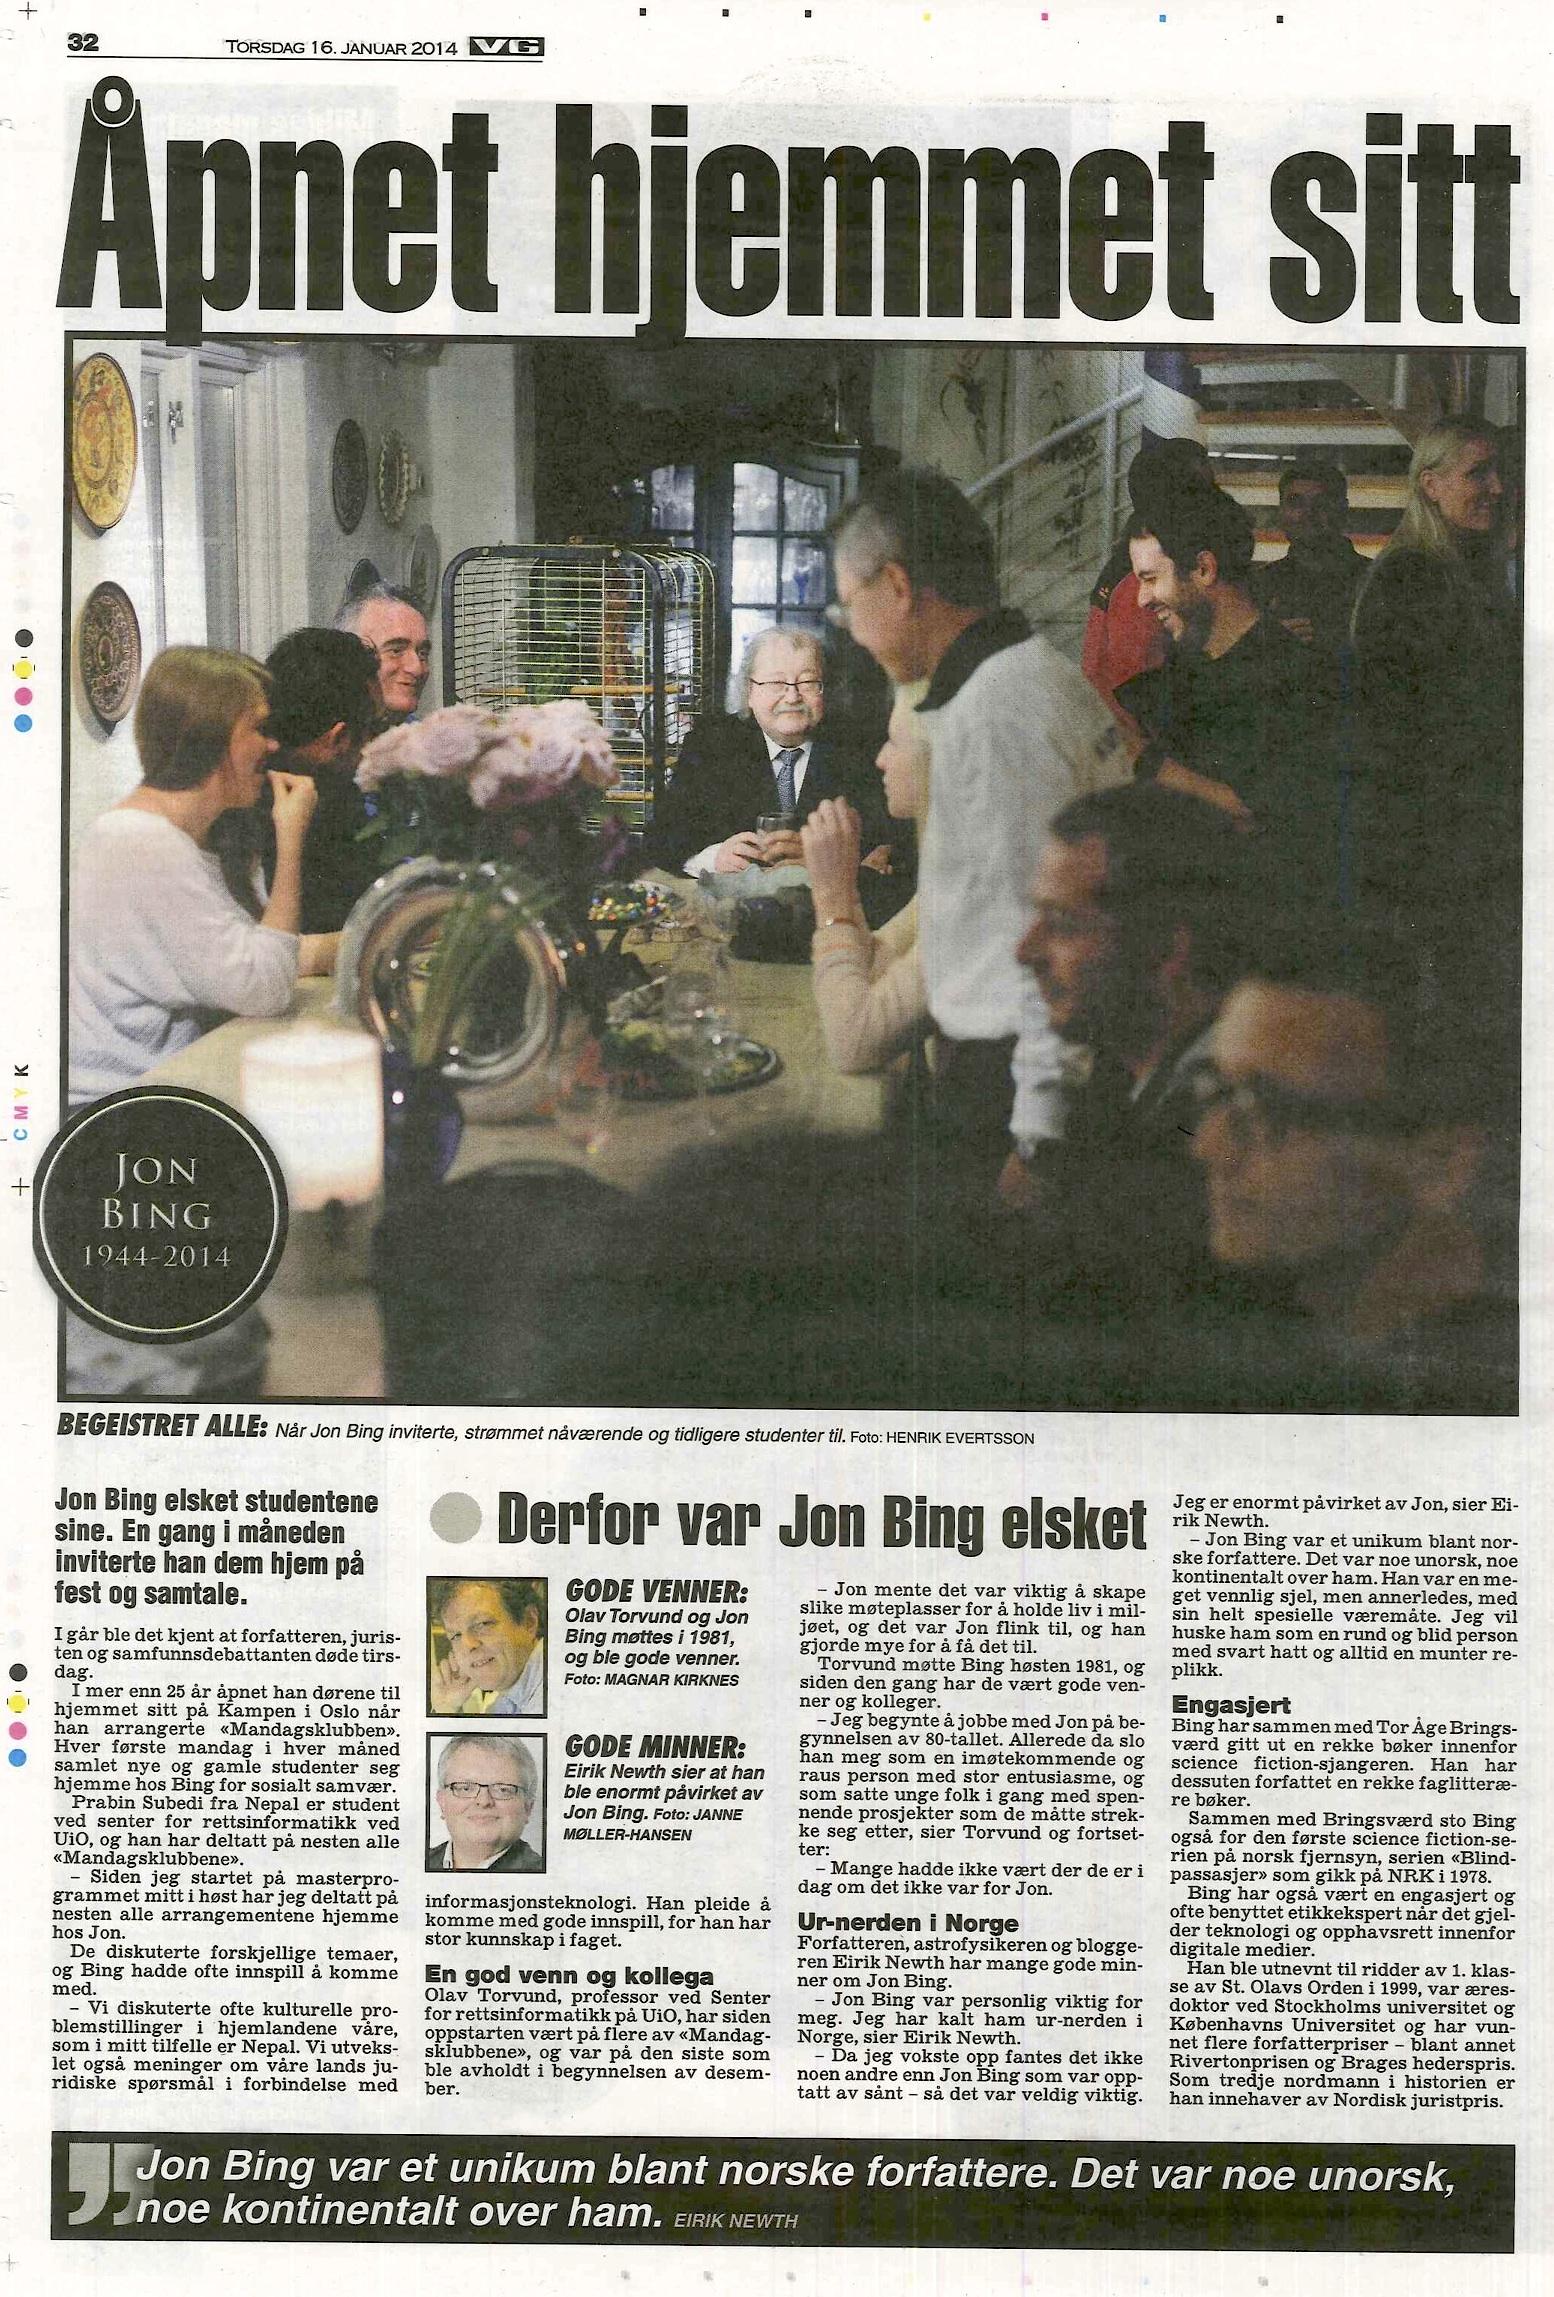 Matéria do jornal norueguês VG sobre a morte de Jon Bing. Tive a honra de estar em uma das várias ocasiões em que abriu sua residência para seus alunos e amigos.